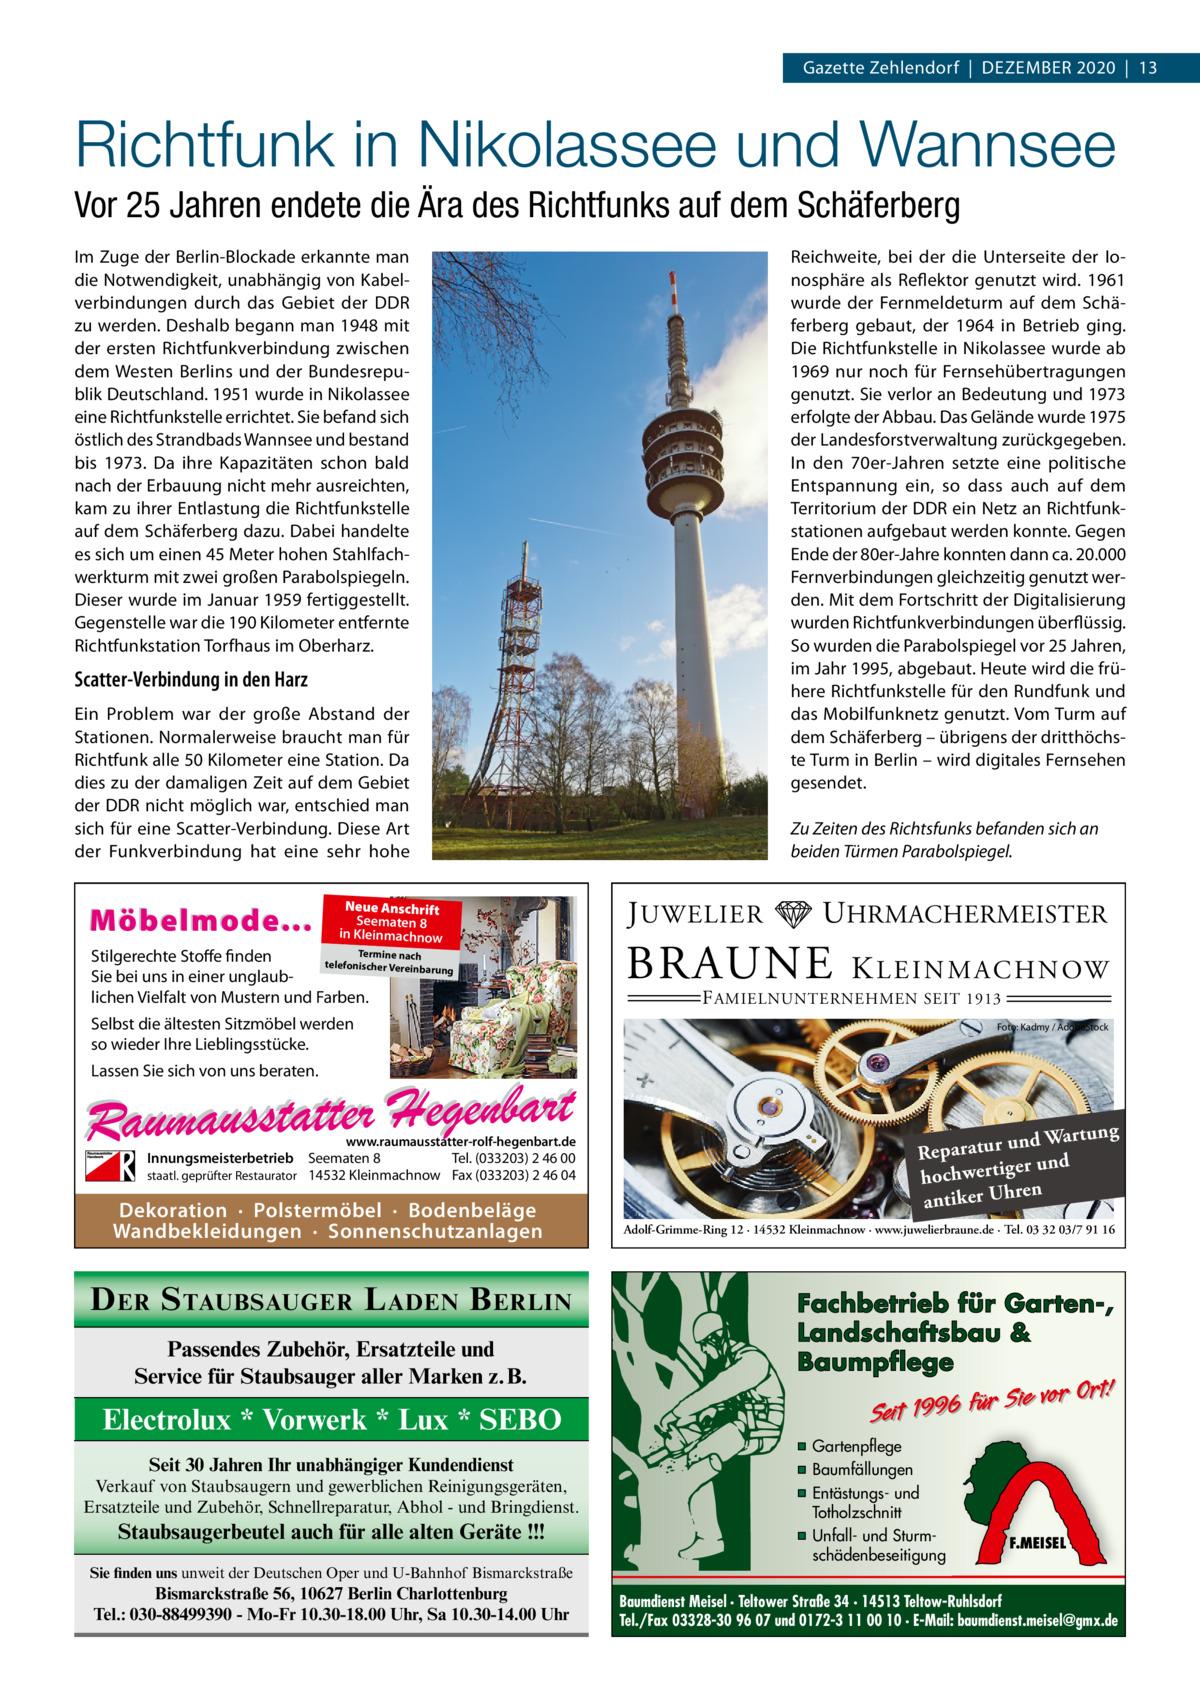 Gazette Zehlendorf|Dezember 2020|13  Richtfunk in Nikolassee und Wannsee Vor 25Jahren endete die Ära des Richtfunks auf dem Schäferberg Reichweite, bei der die Unterseite der Ionosphäre als Reflektor genutzt wird. 1961 wurde der Fernmeldeturm auf dem Schäferberg gebaut, der 1964 in Betrieb ging. Die Richtfunkstelle in Nikolassee wurde ab 1969 nur noch für Fernsehübertragungen genutzt. Sie verlor an Bedeutung und 1973 erfolgte der Abbau. Das Gelände wurde 1975 der Landesforstverwaltung zurückgegeben. In den 70er-Jahren setzte eine politische Entspannung ein, so dass auch auf dem Territorium der DDR ein Netz an Richtfunkstationen aufgebaut werden konnte. Gegen Ende der 80er-Jahre konnten dann ca. 20.000 Fernverbindungen gleichzeitig genutzt werden. Mit dem Fortschritt der Digitalisierung wurden Richtfunkverbindungen überflüssig. So wurden die Parabolspiegel vor 25Jahren, im Jahr 1995, abgebaut. Heute wird die frühere Richtfunkstelle für den Rundfunk und das Mobilfunknetz genutzt. Vom Turm auf dem Schäferberg – übrigens der dritthöchste Turm in Berlin – wird digitales Fernsehen gesendet.  Im Zuge der Berlin-Blockade erkannte man die Notwendigkeit, unabhängig von Kabelverbindungen durch das Gebiet der DDR zu werden. Deshalb begann man 1948 mit der ersten Richtfunkverbindung zwischen dem Westen Berlins und der Bundesrepublik Deutschland. 1951 wurde in Nikolassee eine Richtfunkstelle errichtet. Sie befand sich östlich des Strandbads Wannsee und bestand bis 1973. Da ihre Kapazitäten schon bald nach der Erbauung nicht mehr ausreichten, kam zu ihrer Entlastung die Richtfunkstelle auf dem Schäferberg dazu. Dabei handelte es sich um einen 45Meter hohen Stahlfachwerkturm mit zwei großen Parabolspiegeln. Dieser wurde im Januar 1959 fertiggestellt. Gegenstelle war die 190Kilometer entfernte Richtfunkstation Torfhaus im Oberharz.  Scatter-Verbindung in den Harz Ein Problem war der große Abstand der Stationen. Normalerweise braucht man für Richtfunk alle 50Kilometer eine Station. D